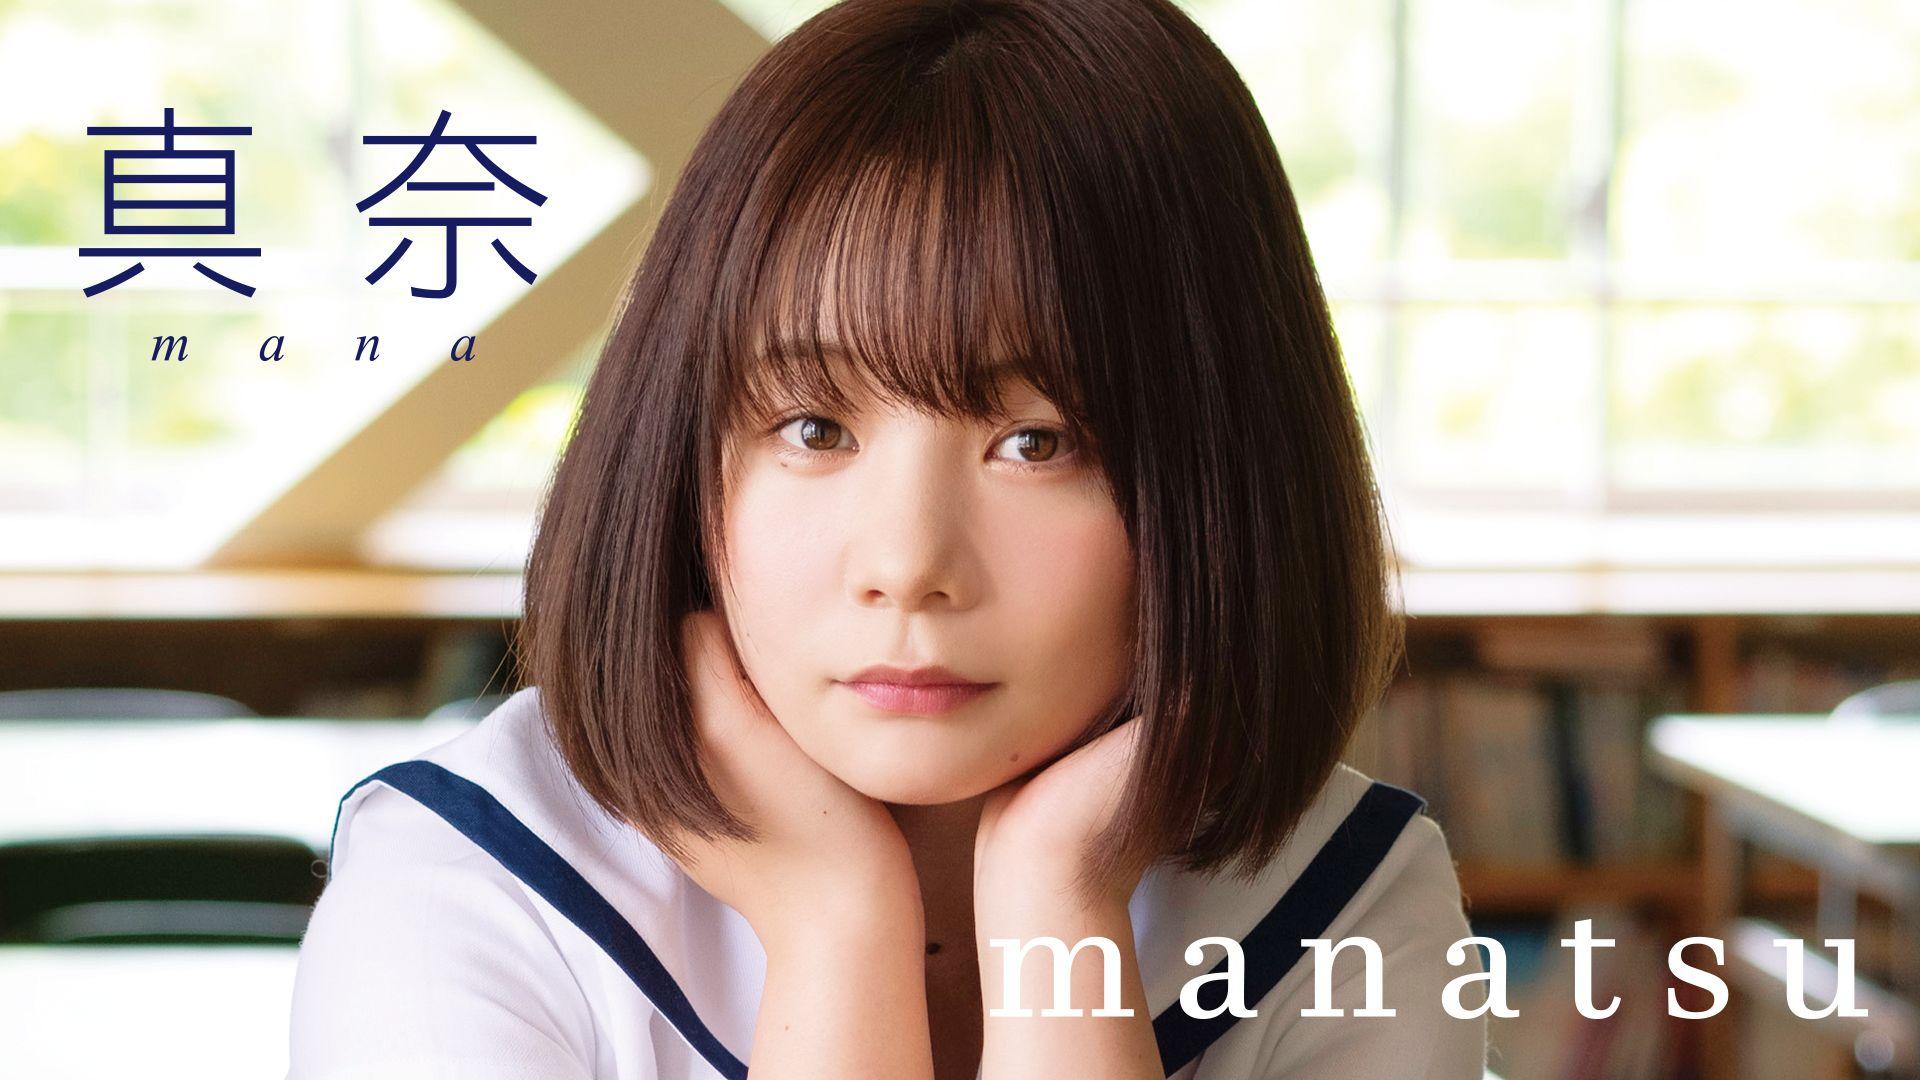 真奈 manatsu